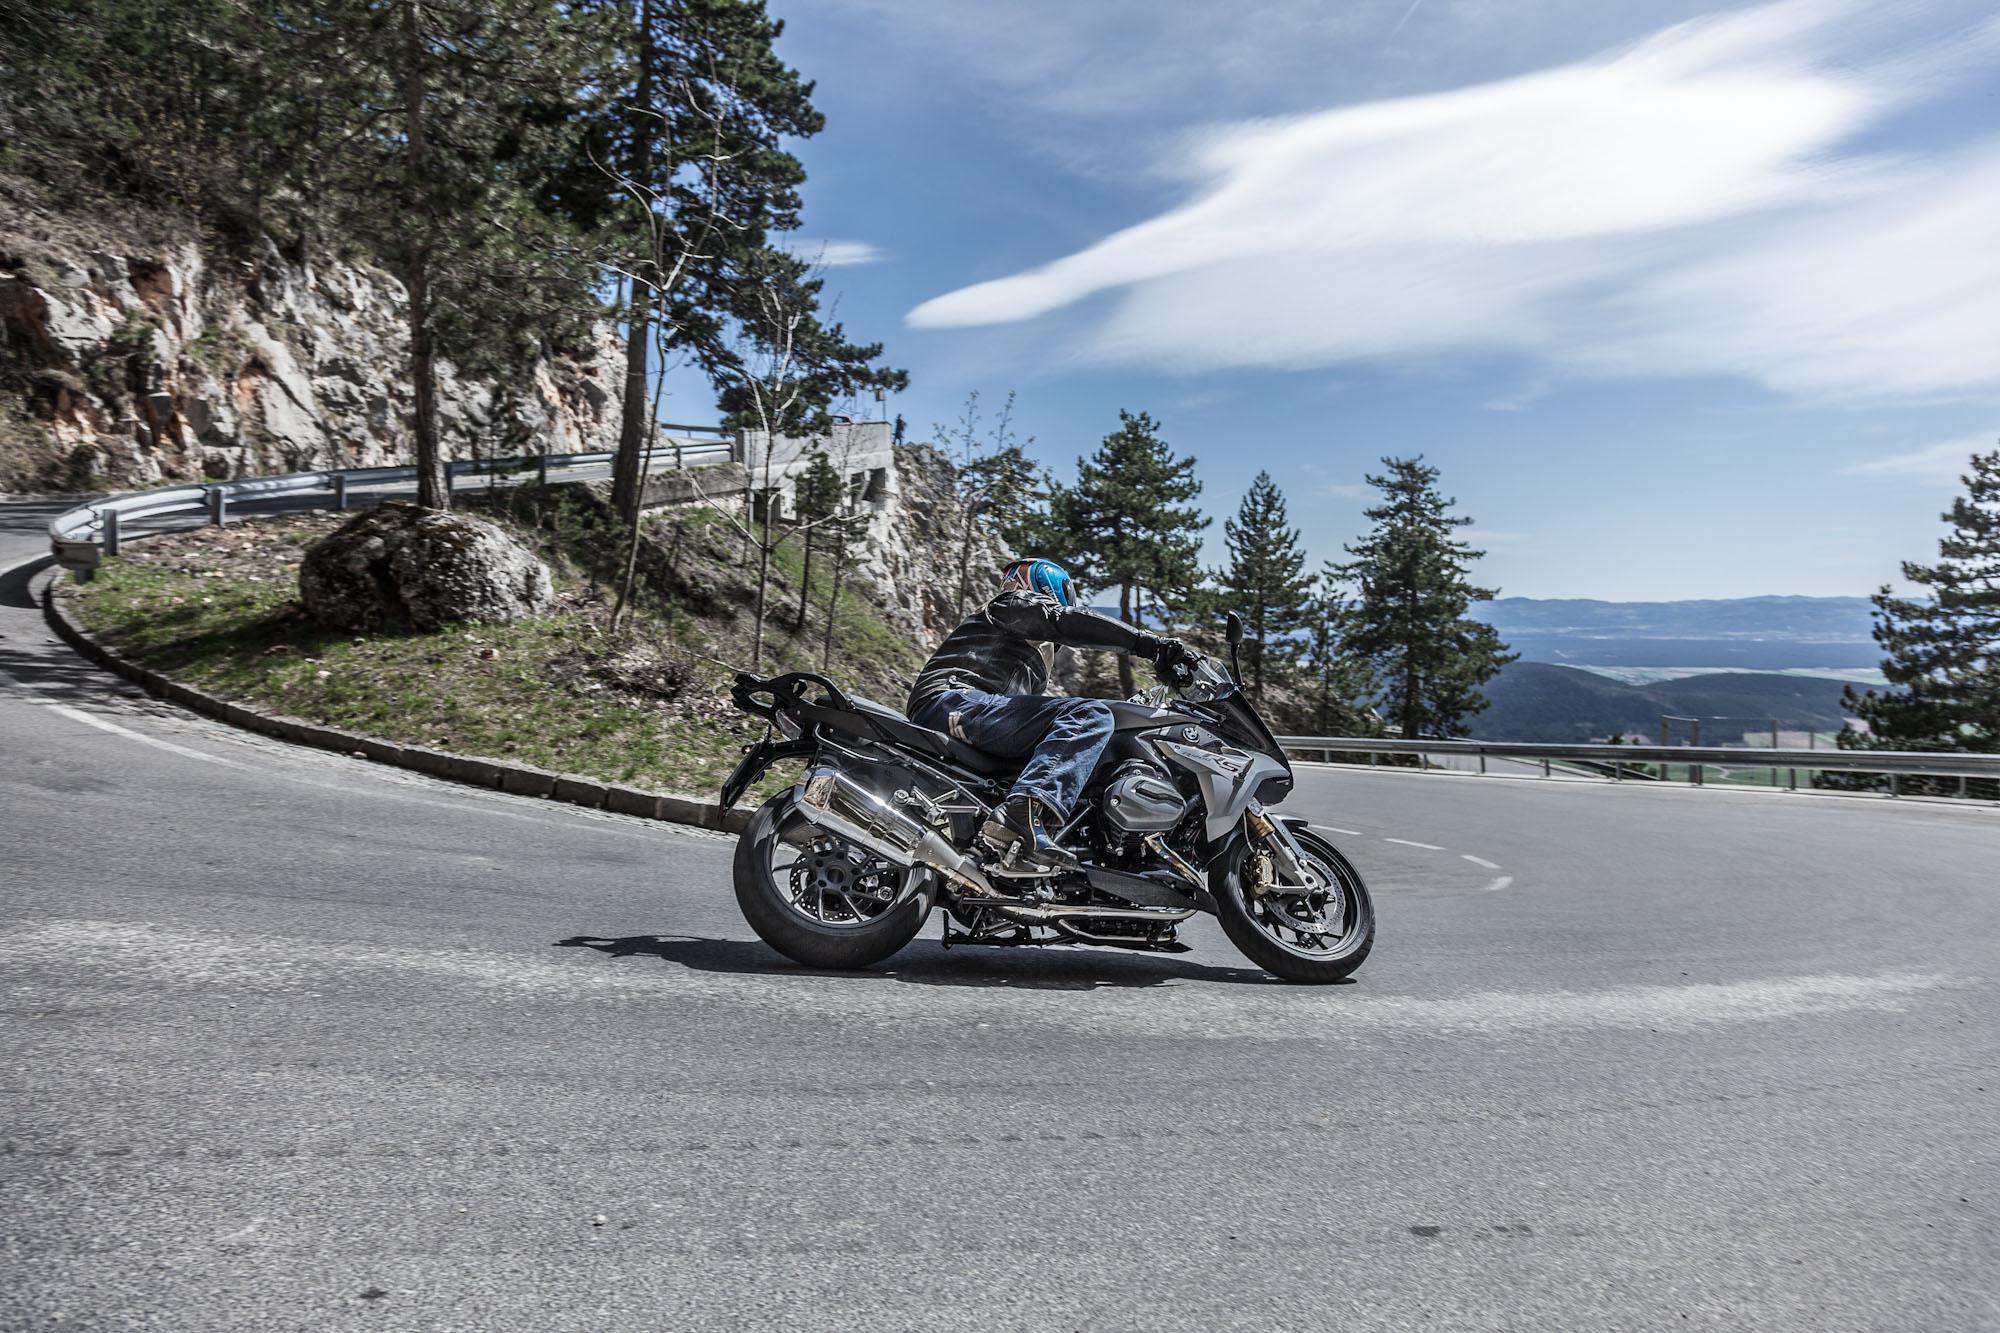 bmw r 1200 rs 2015 test action details motorrad fotos motorrad b. Black Bedroom Furniture Sets. Home Design Ideas